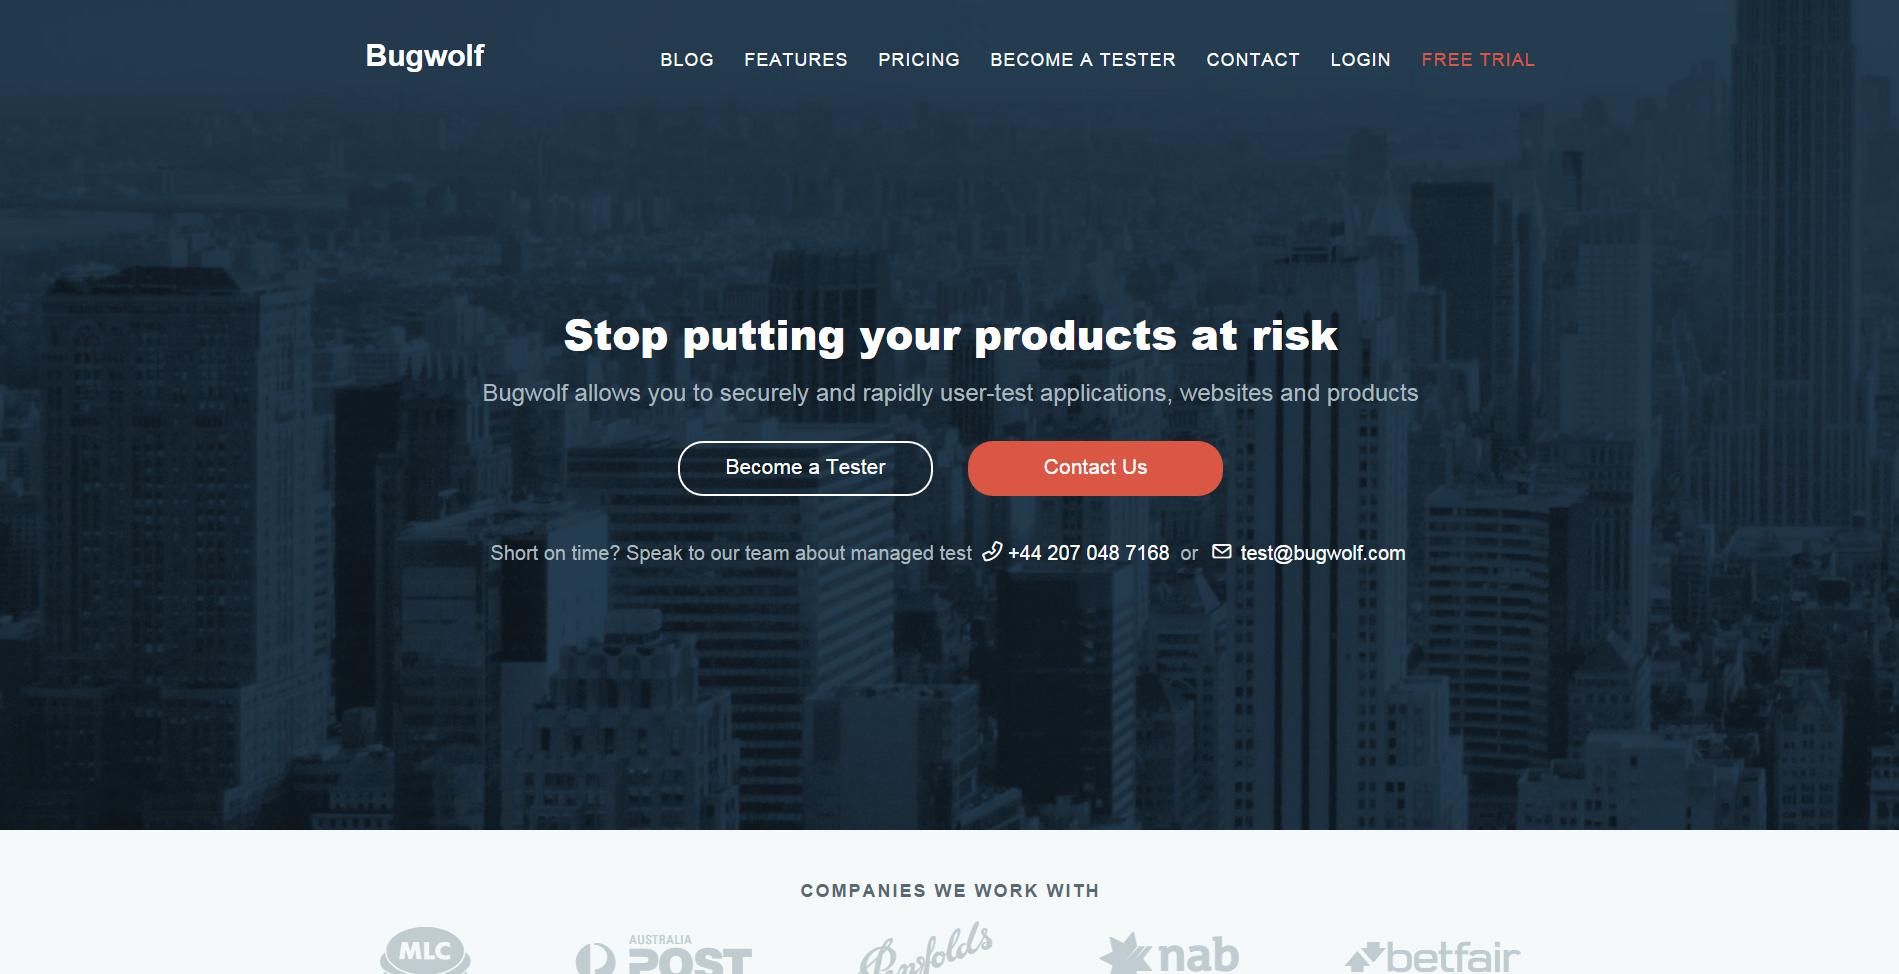 Bugwolf - crowdsourced beta testing